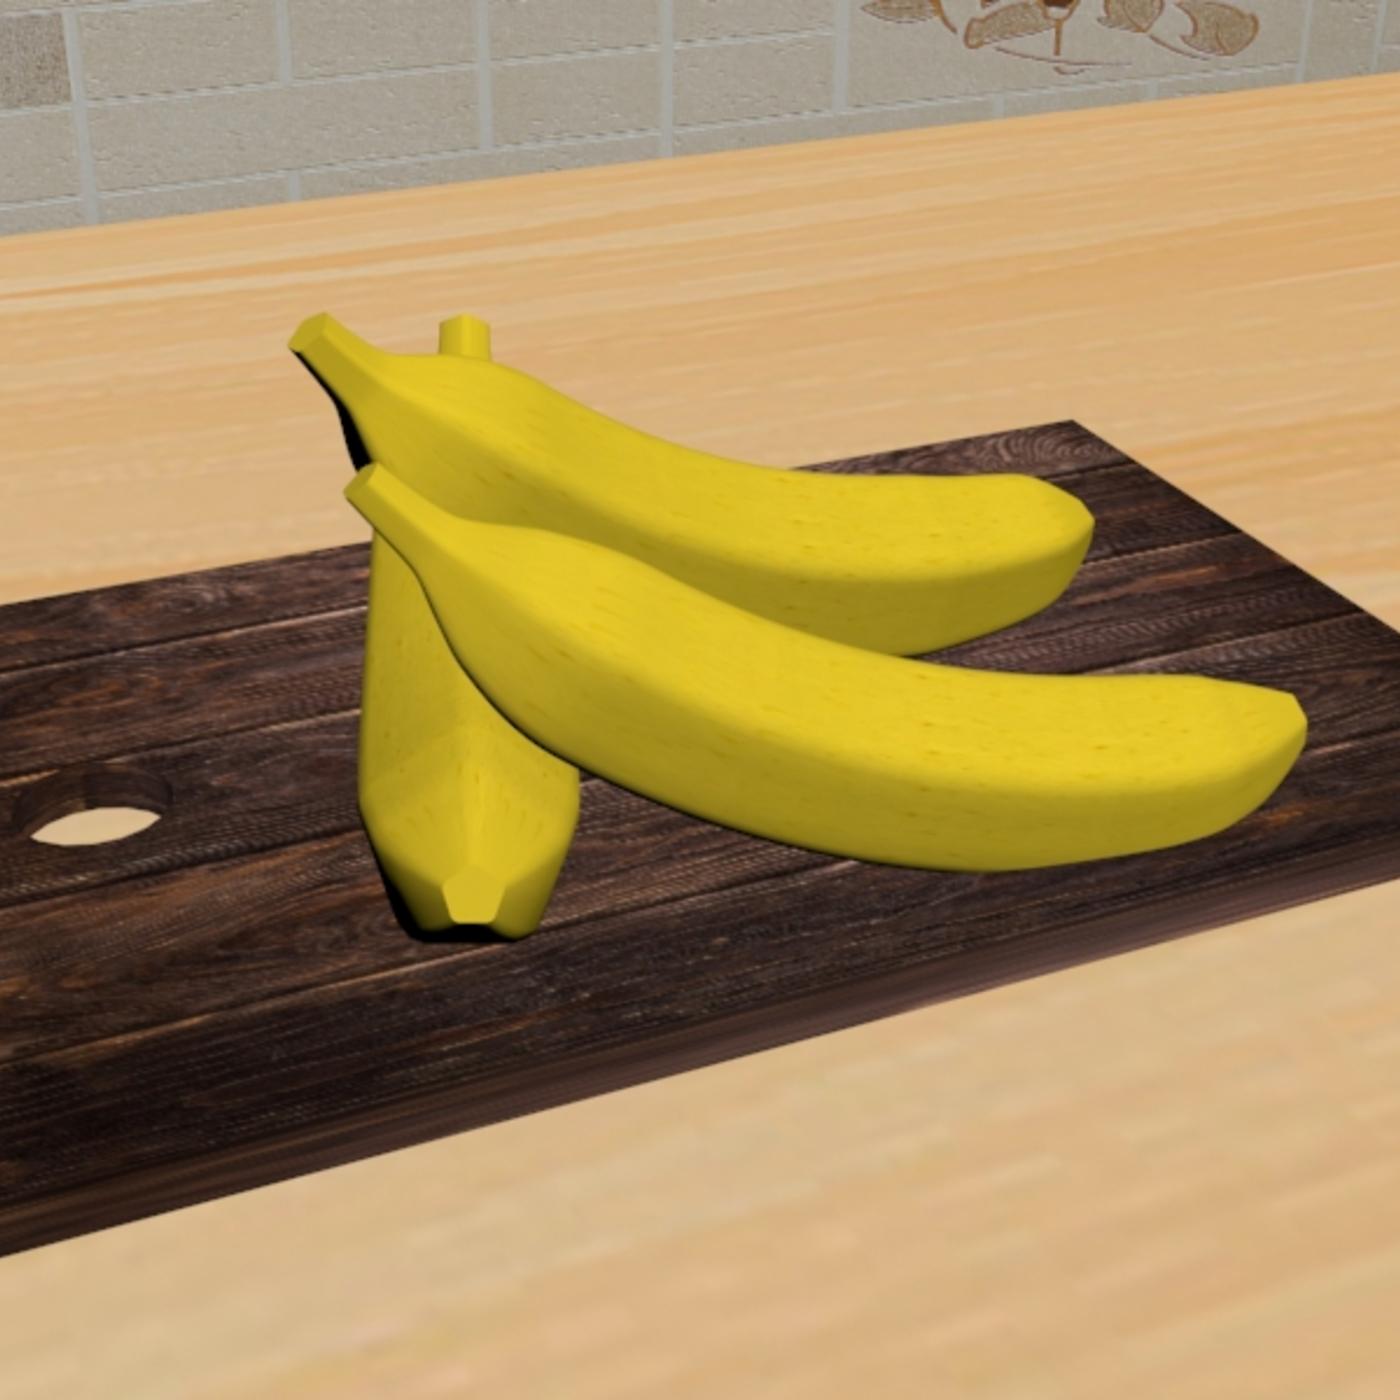 Banana on desk